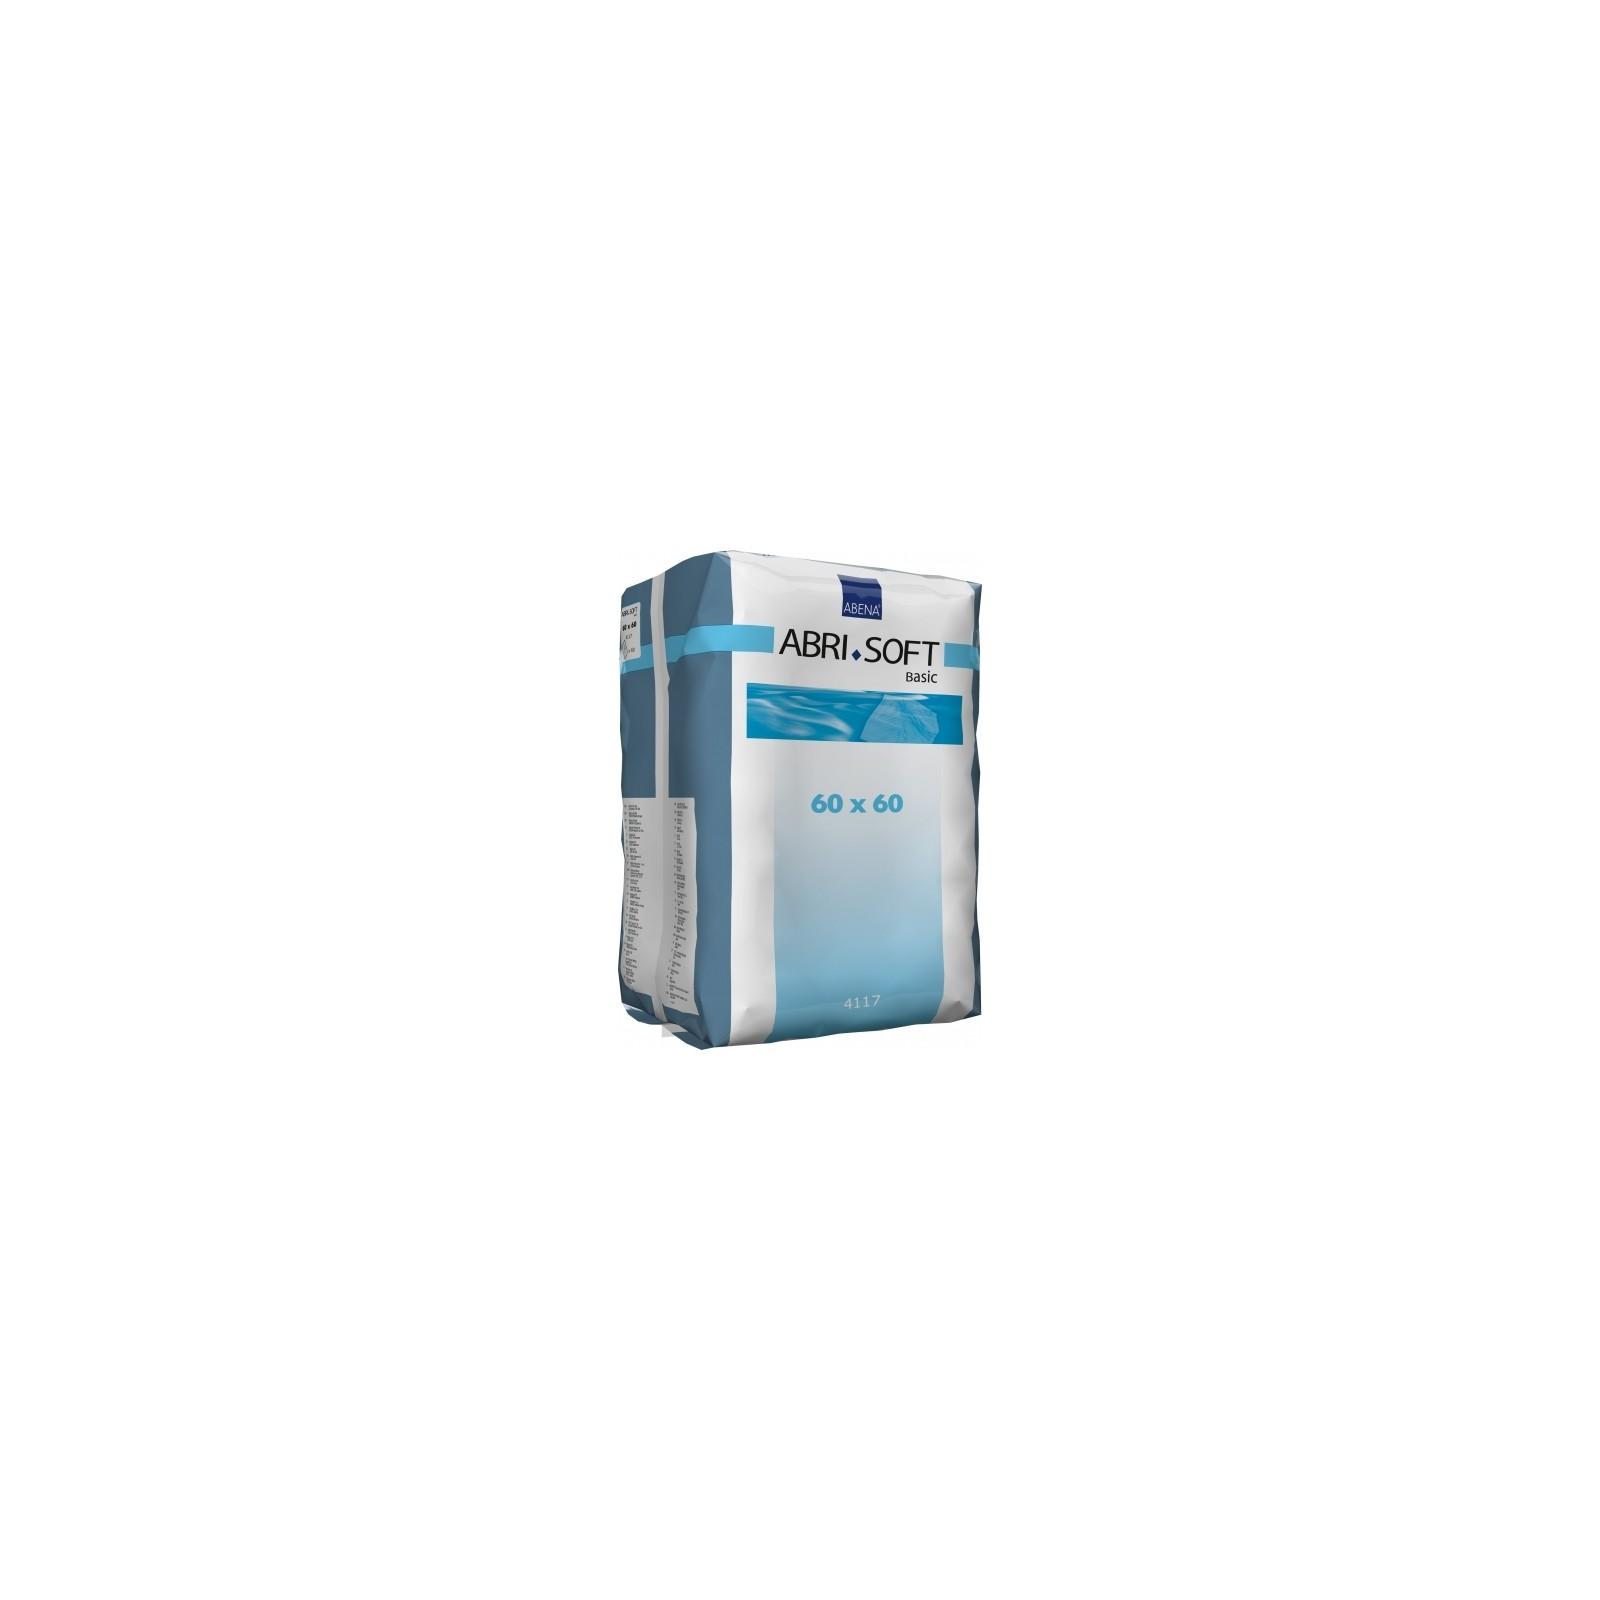 ABENA Abri-Soft Basic 60 x 60 cm| SenUp.com